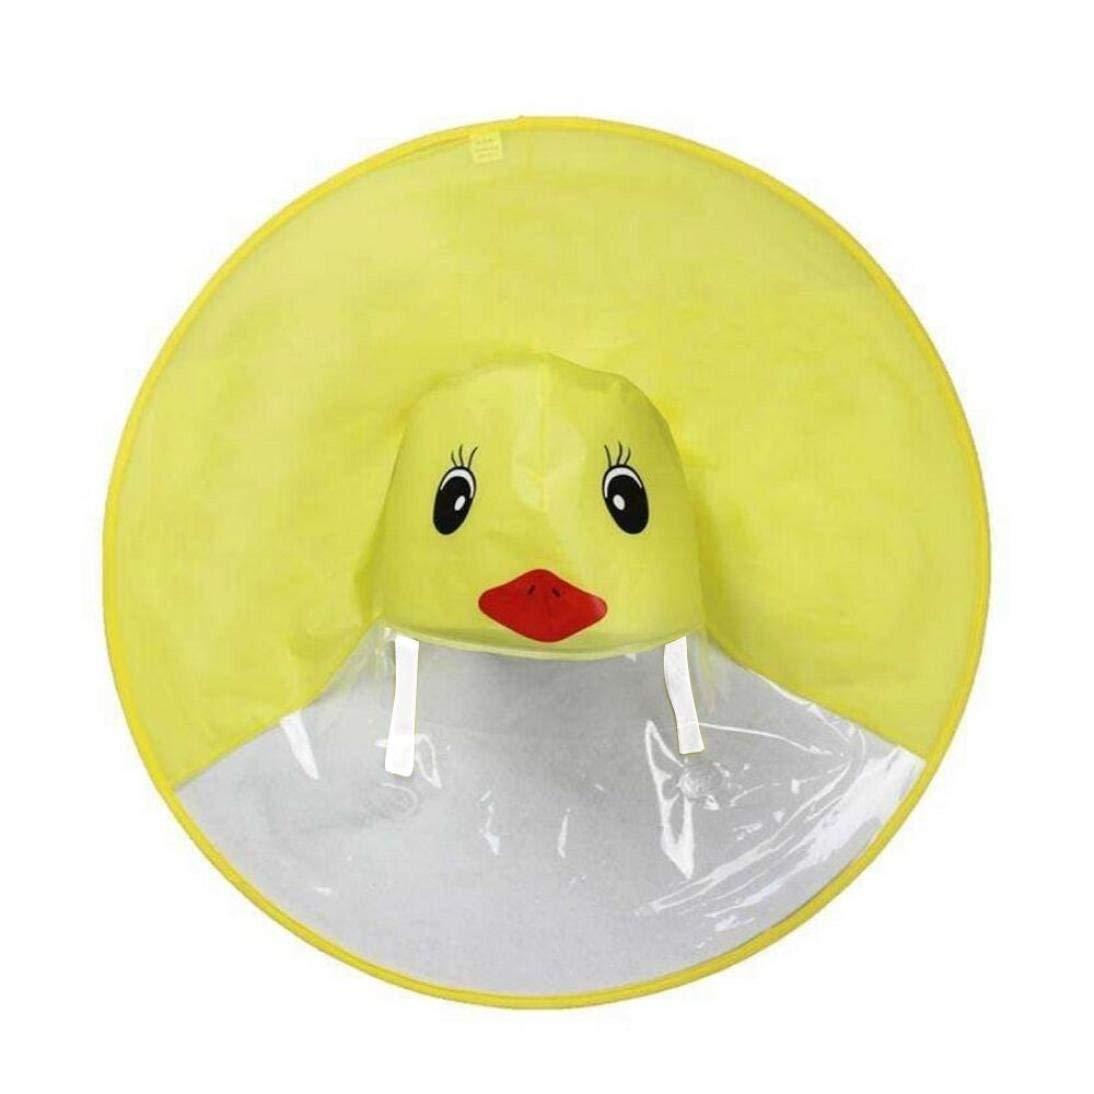 8ccf2d74d1797 Get Quotations · Wenini Kids Raincoat Cute Yellow Duck UFO Raincoat  Children s Hooded Poncho Cloak